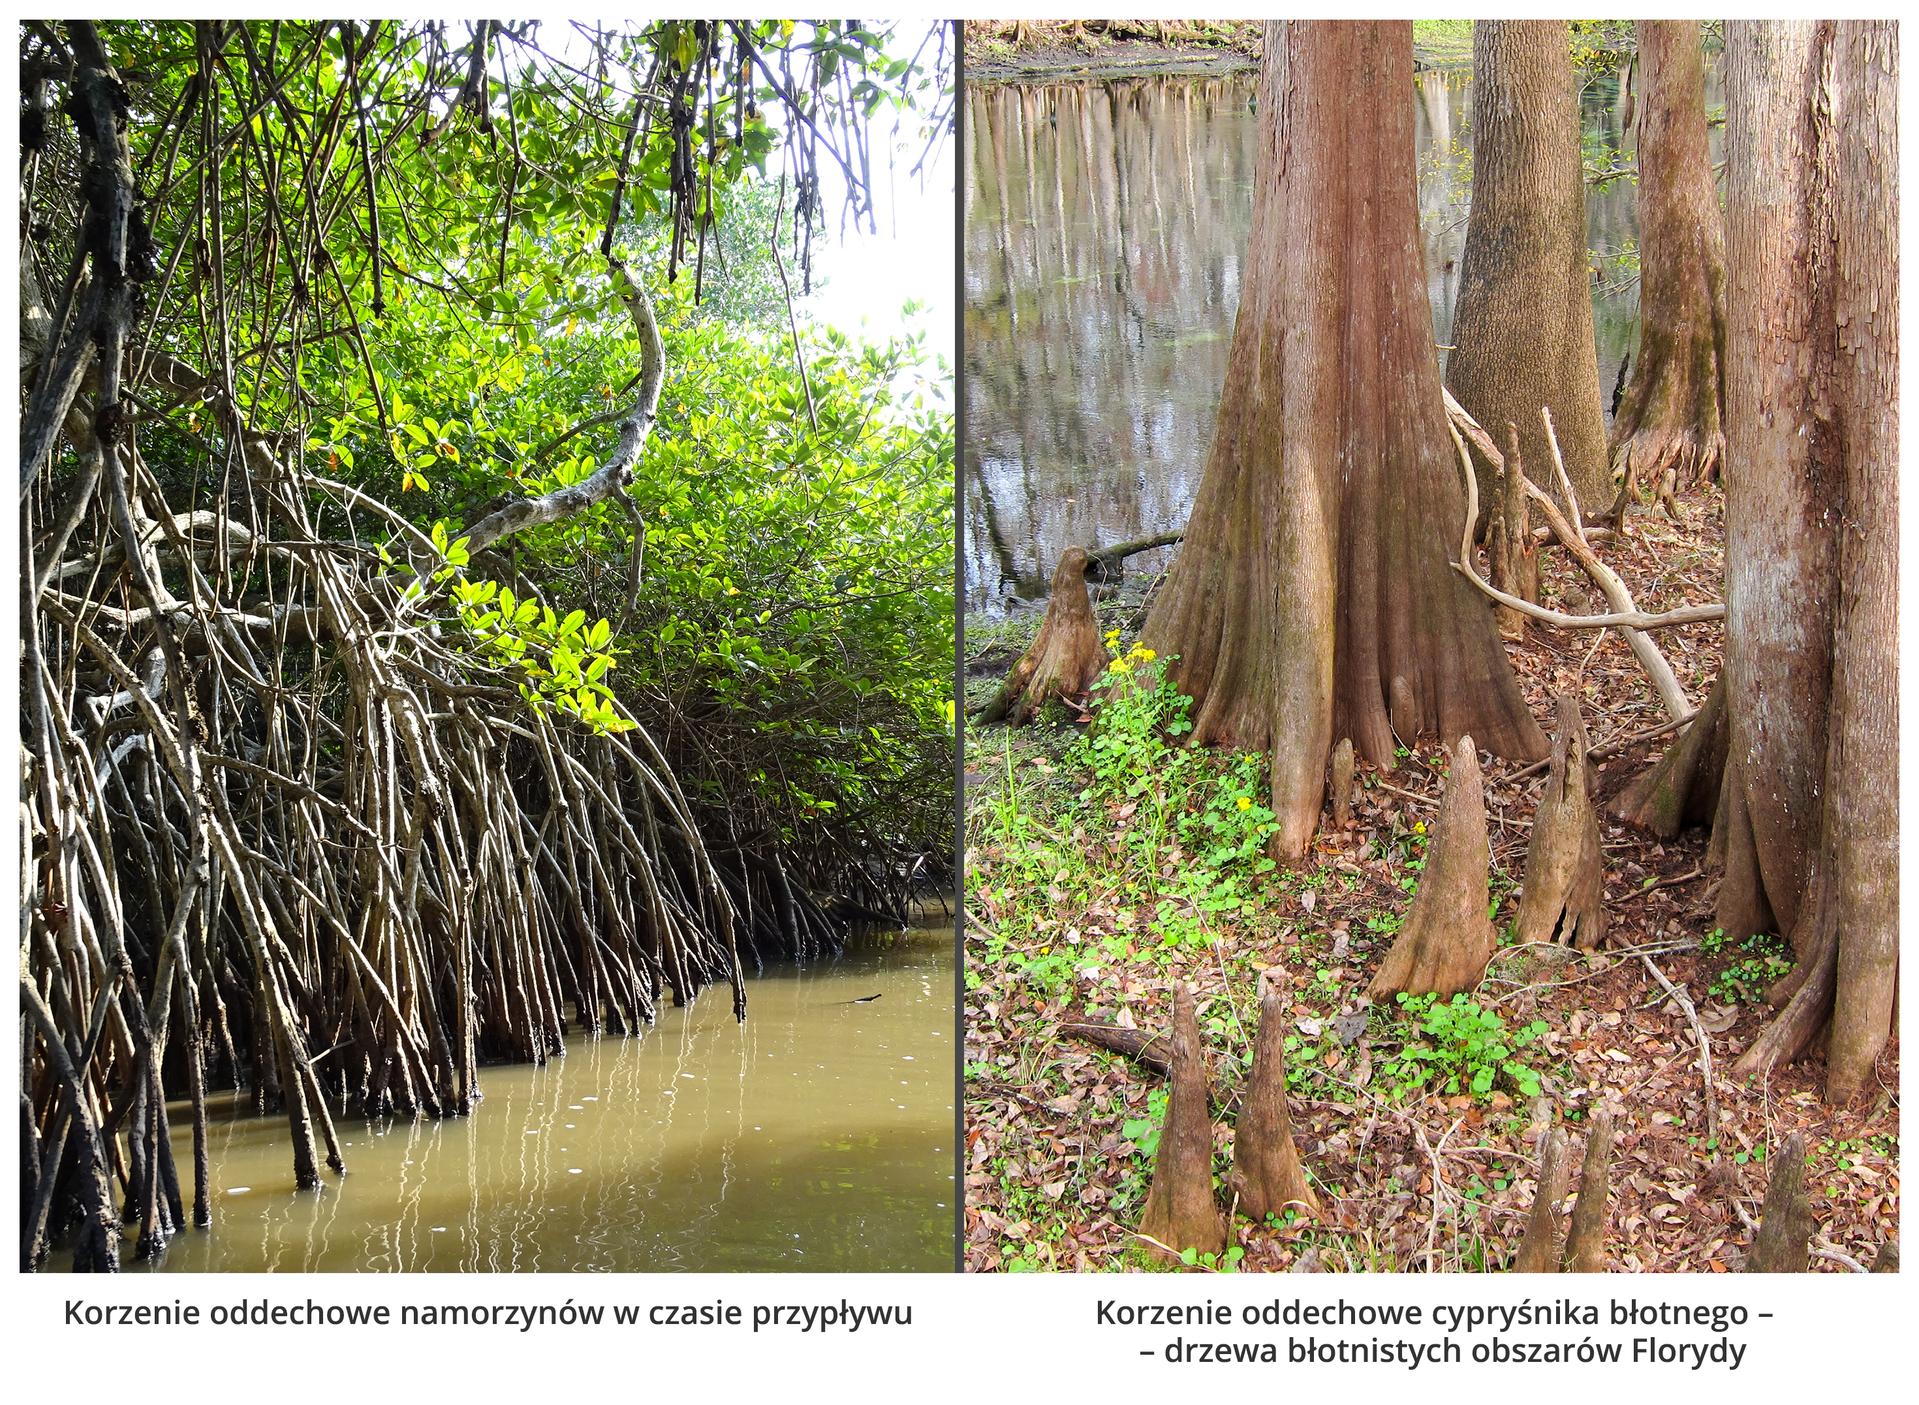 Fotografie przedstawiają korzenie oddechowe. Po lewej są wysokie, cienkie korzenie drzew nad wodą. Wysoko nad nimi znajdują się gałęzie zliśćmi. To namorzyny. Po prawej drzewa ojasnej korze rosną wbłotach Florydy. Ich korzenie rosną do góry, wystając zmokrego podłoża. Między nimi rosną niewielkie, żółto kwitnące rośliny.